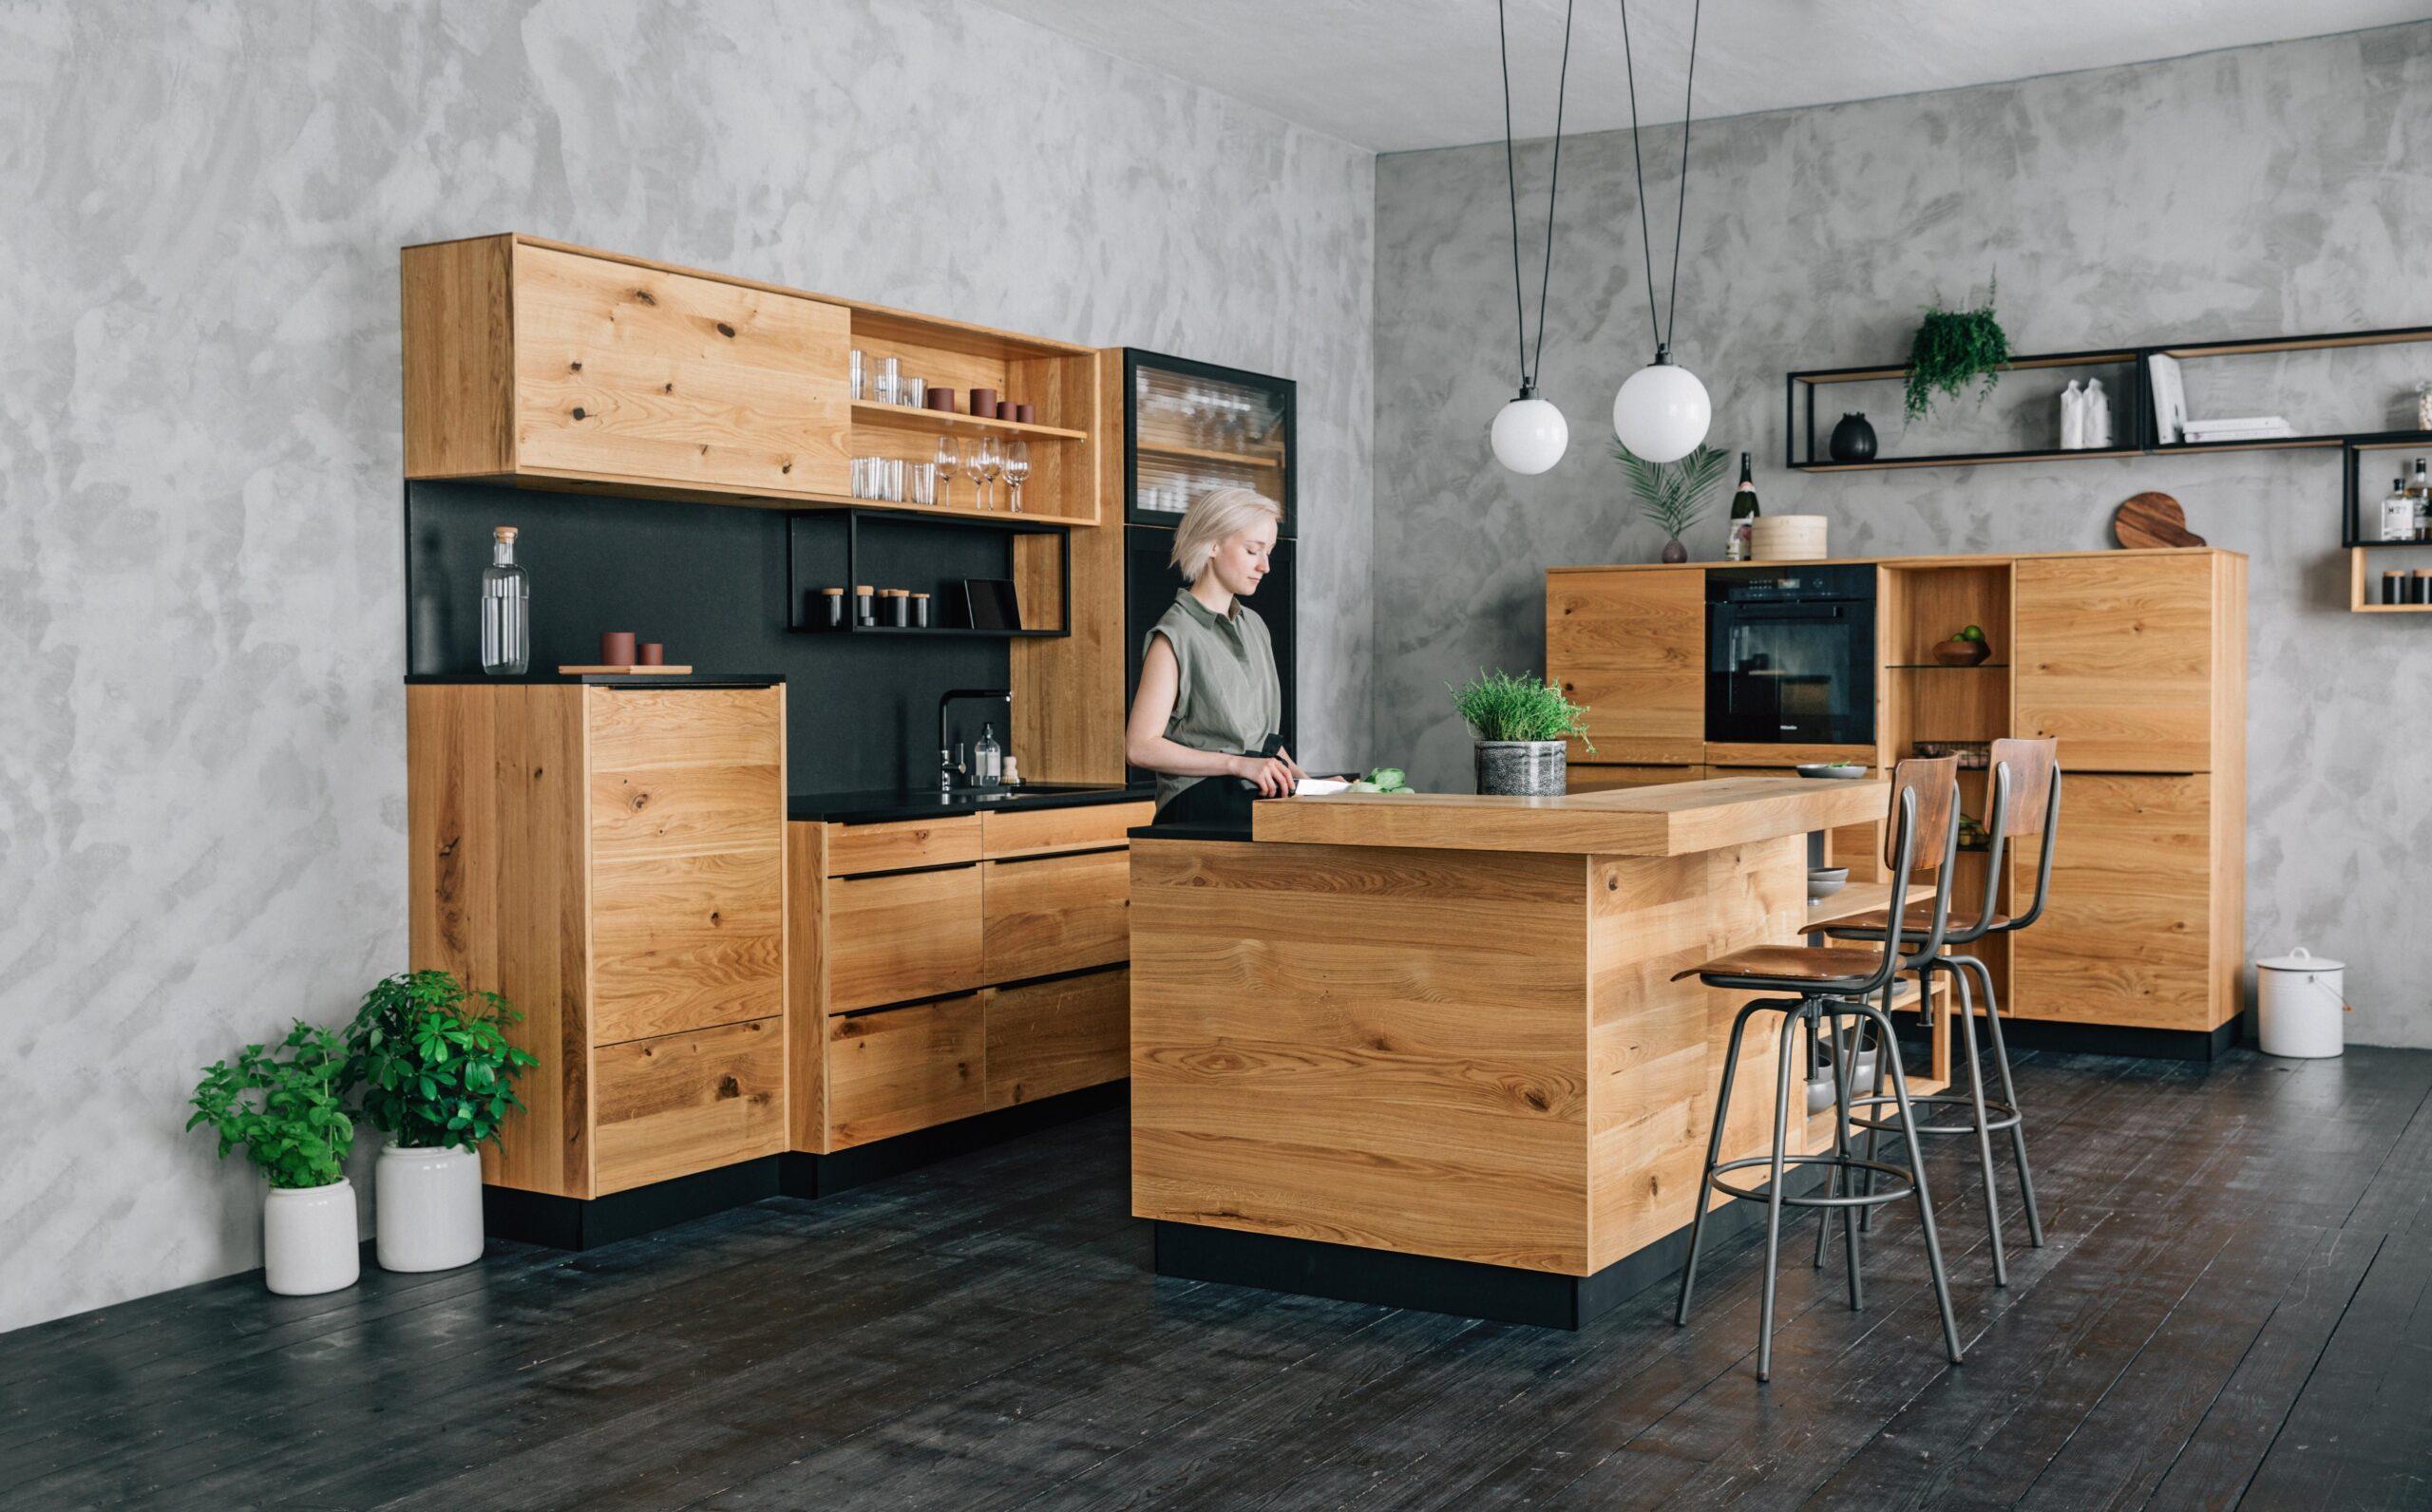 Full Size of Küche L Form Magnettafel Glaswand U Planen Eiche Modulküche Holz Wandregal Landhaus Waschbecken Einlegeböden Spüle Sideboard Schmales Regal Wohnzimmer Walden Küche